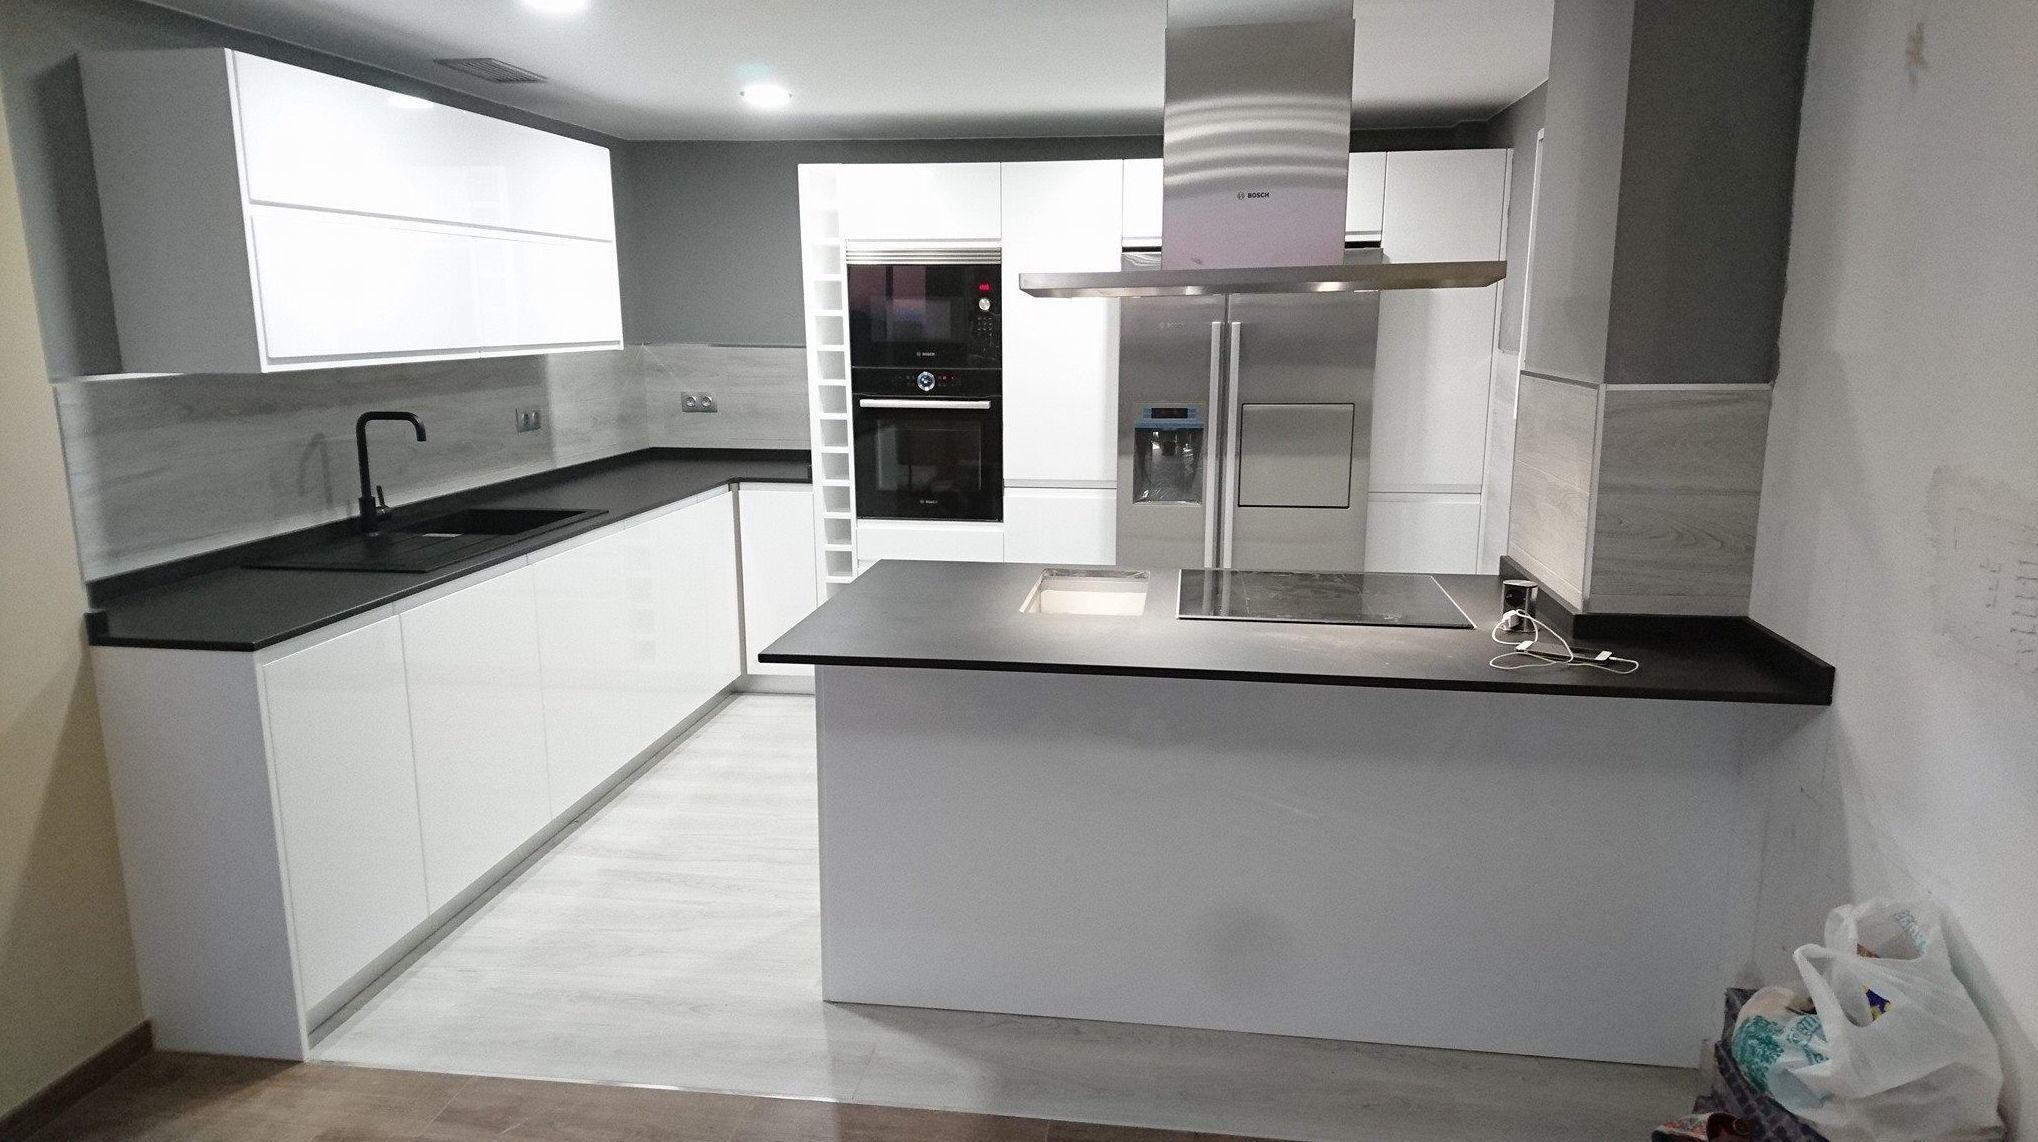 Foto 16 de Muebles de baño y cocina en Oliva | Decocin